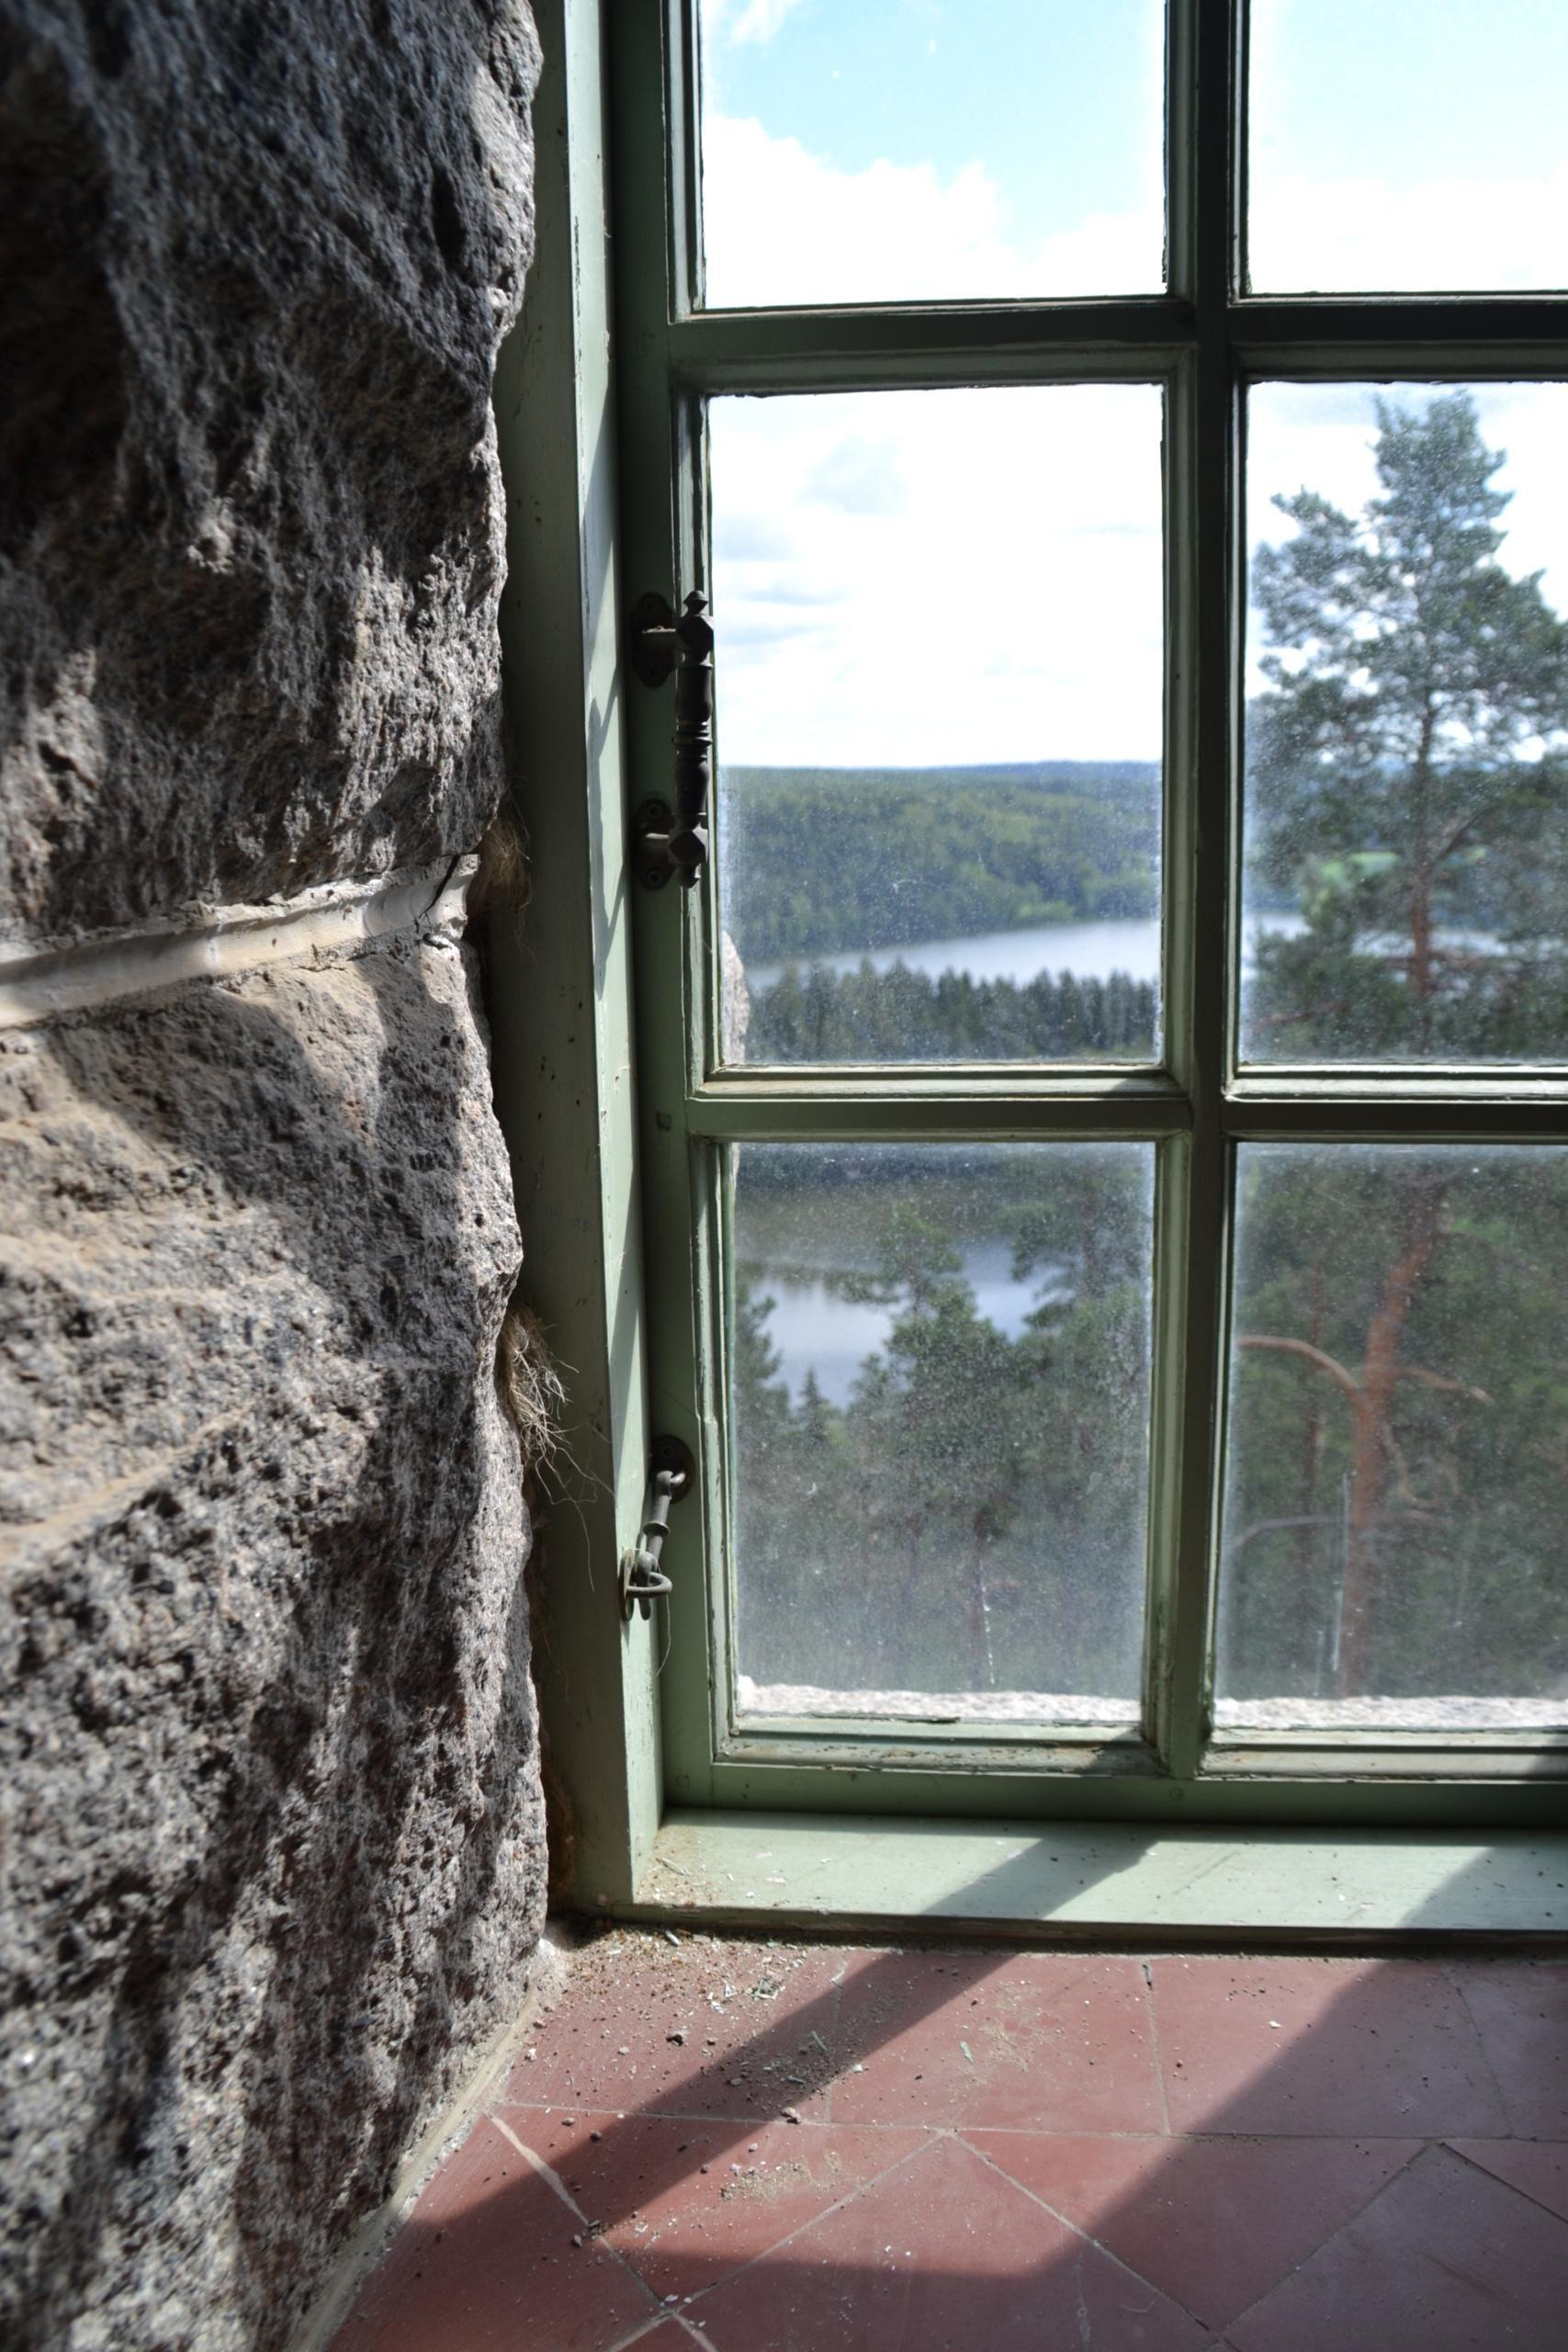 https://kansallisetkaupunkipuistot.fi/wp-content/uploads/2020/06/Aulangon_näkötorni2-scaled.jpg